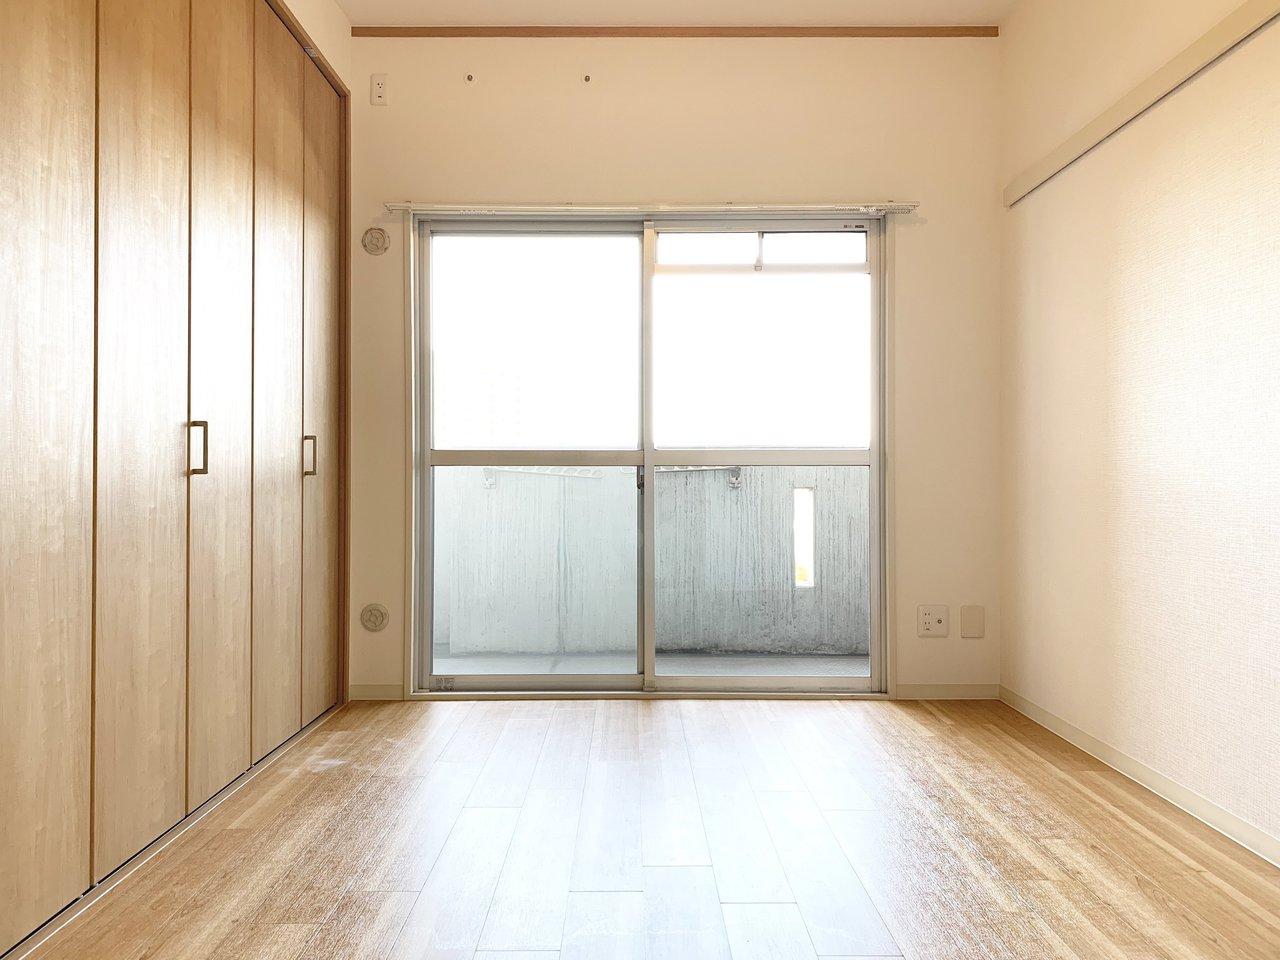 洋室も光がたくさん入って気持ちよさそう。建具もすべて新しくなっています。